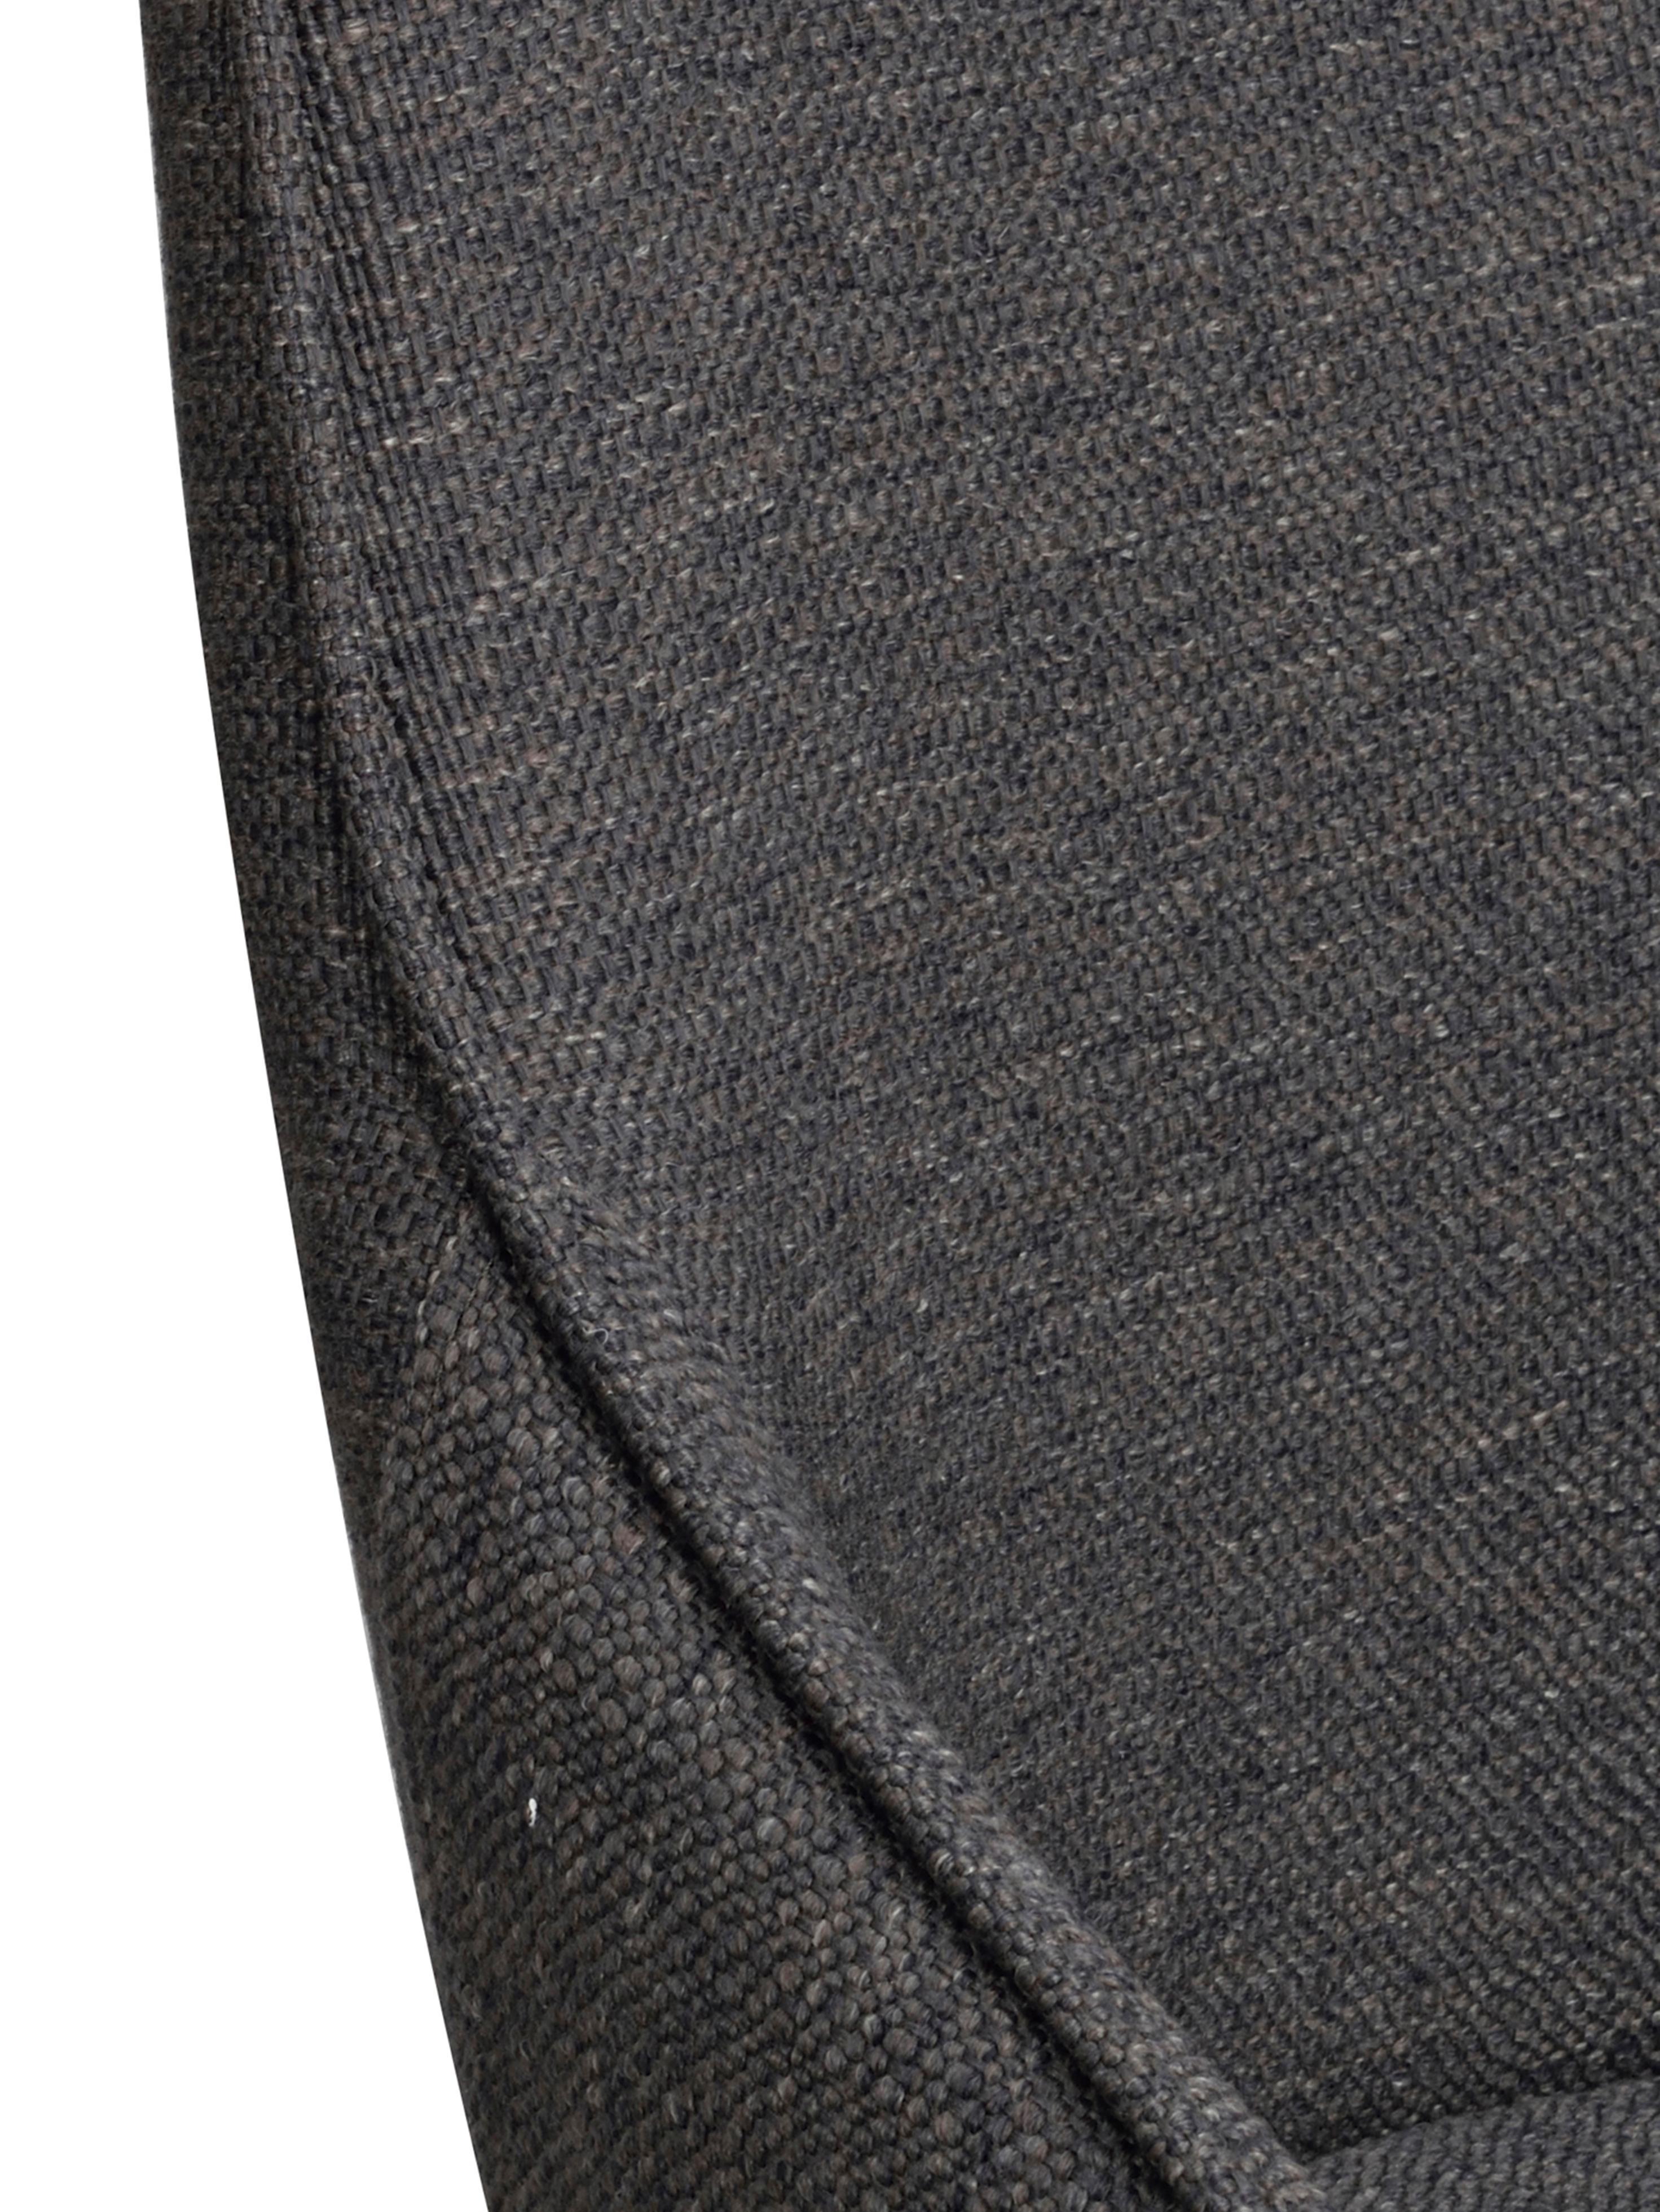 Silla giratoria Alison, Funda: poliéster 50.000ciclos e, Patas: metal con pintura en polv, Tejido gris oscuro, An 51 x F 57 cm